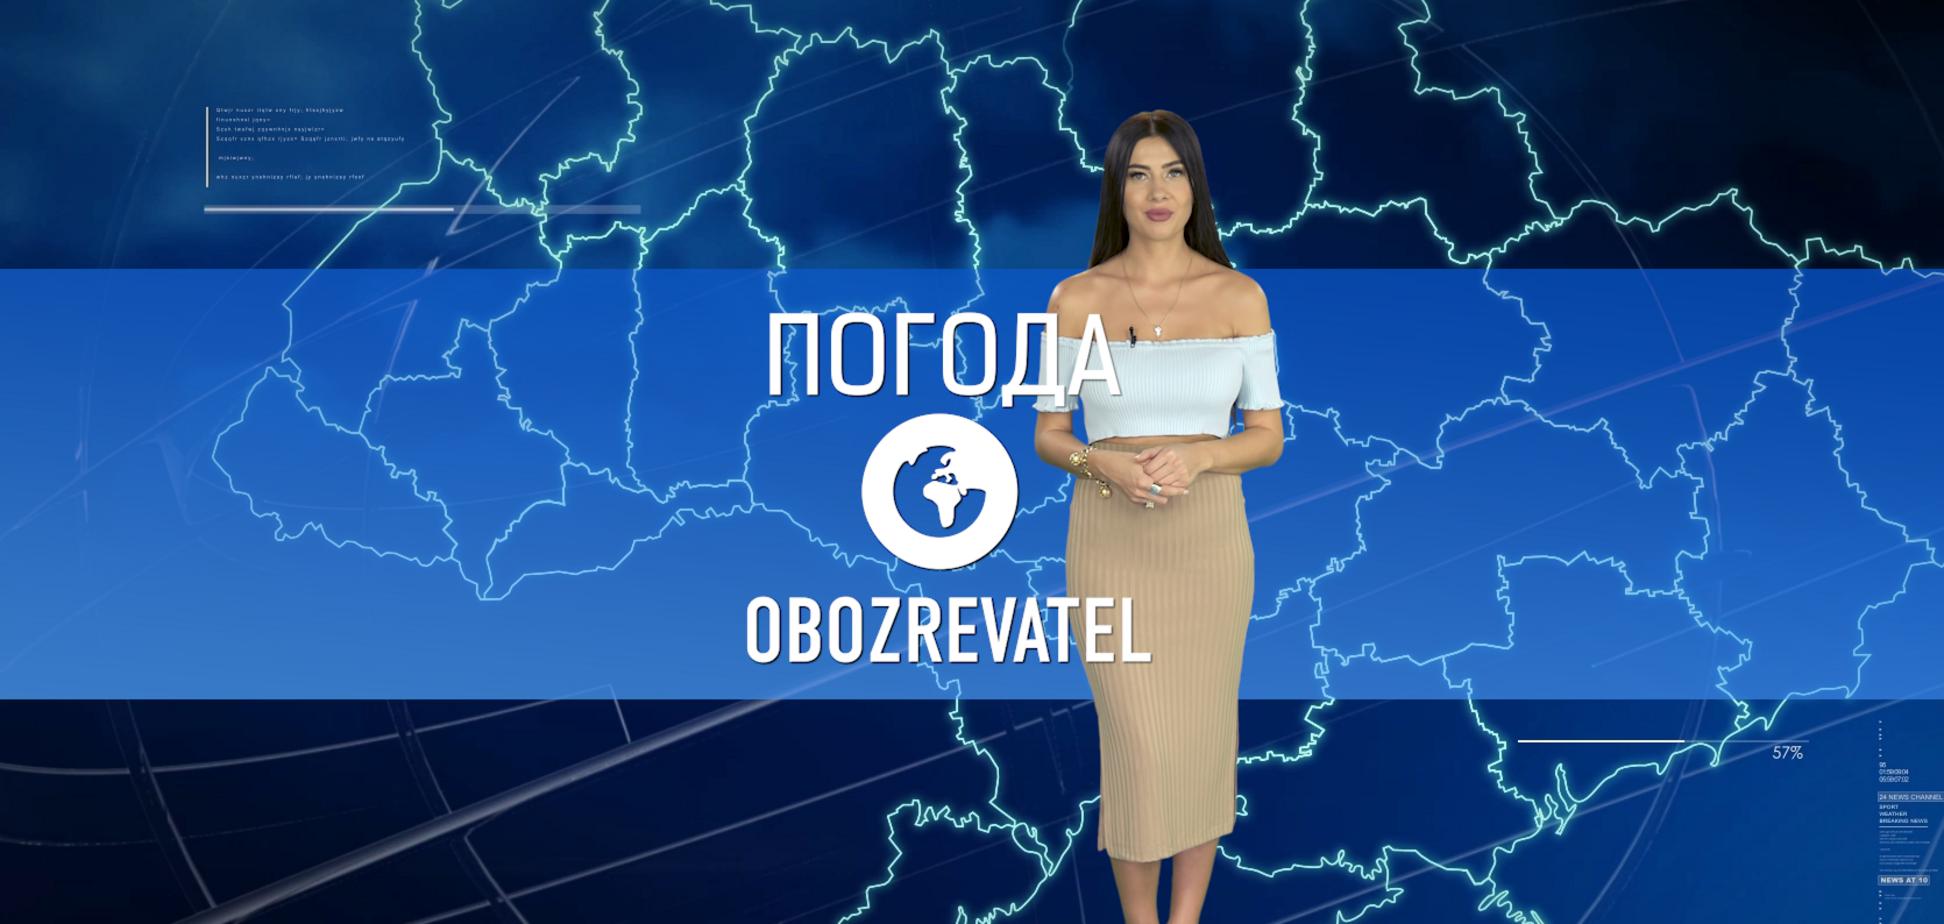 Прогноз погоды в Украине на пятницу, 8 октября, с Алисой Мярковской